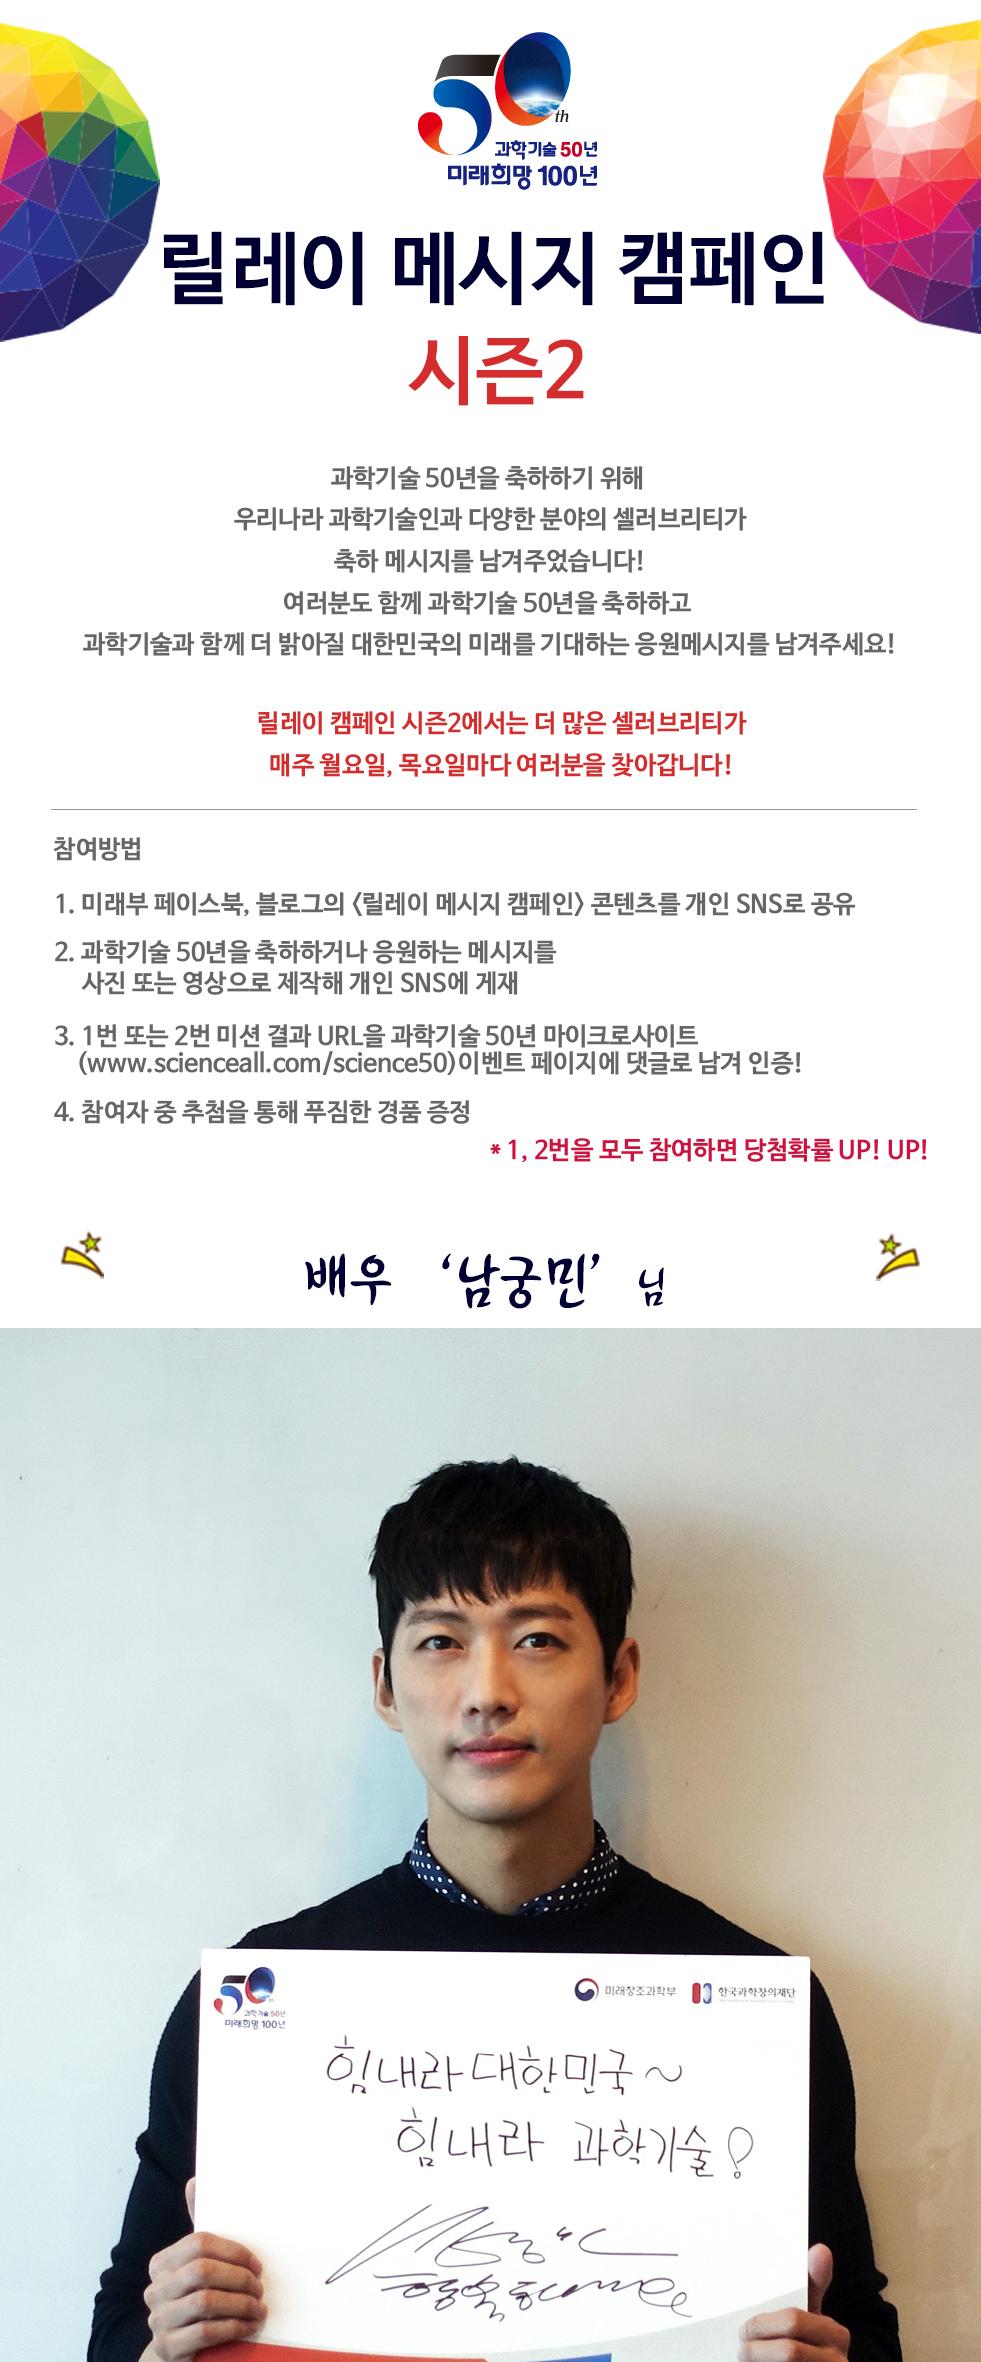 남궁민_50년사이트 및 블로그 게재용